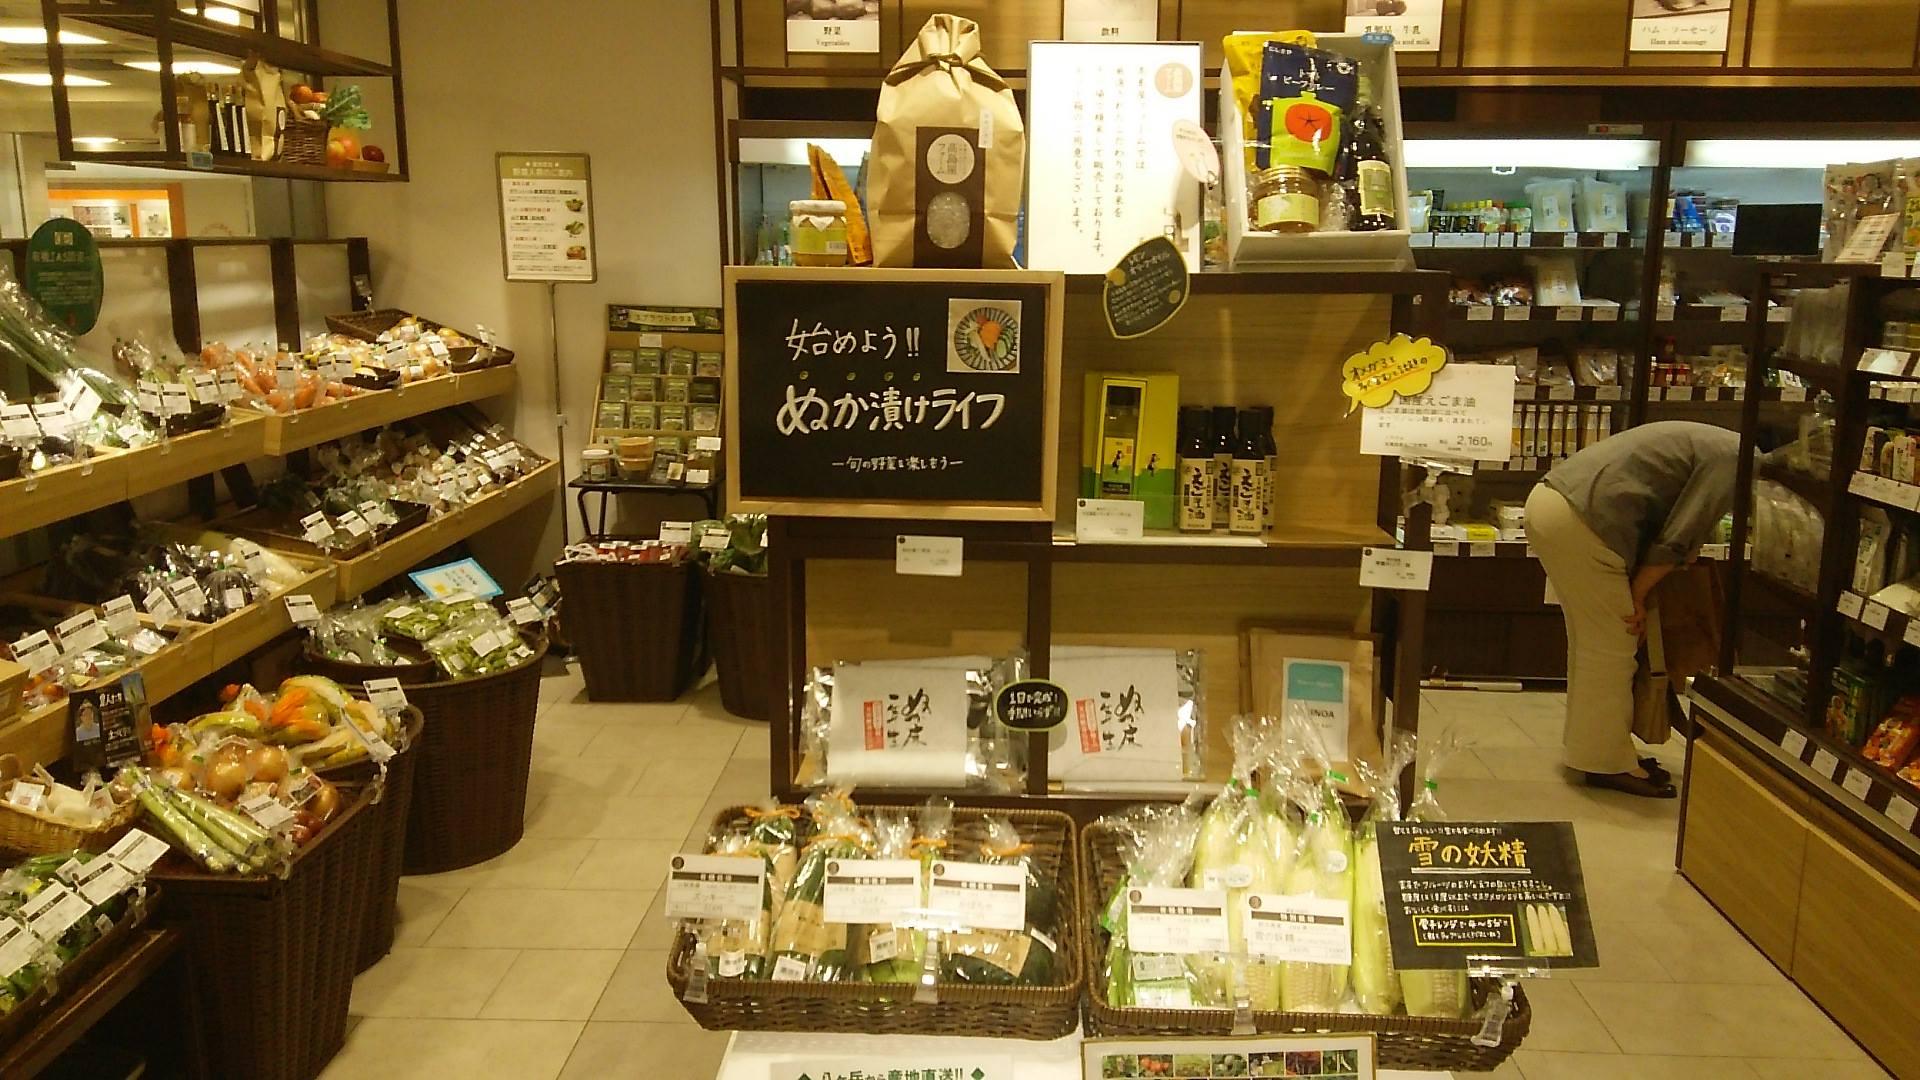 横浜高島屋ファームさんで蔵出し生酵母で作るぬか床一年生を購入できるようになりました。